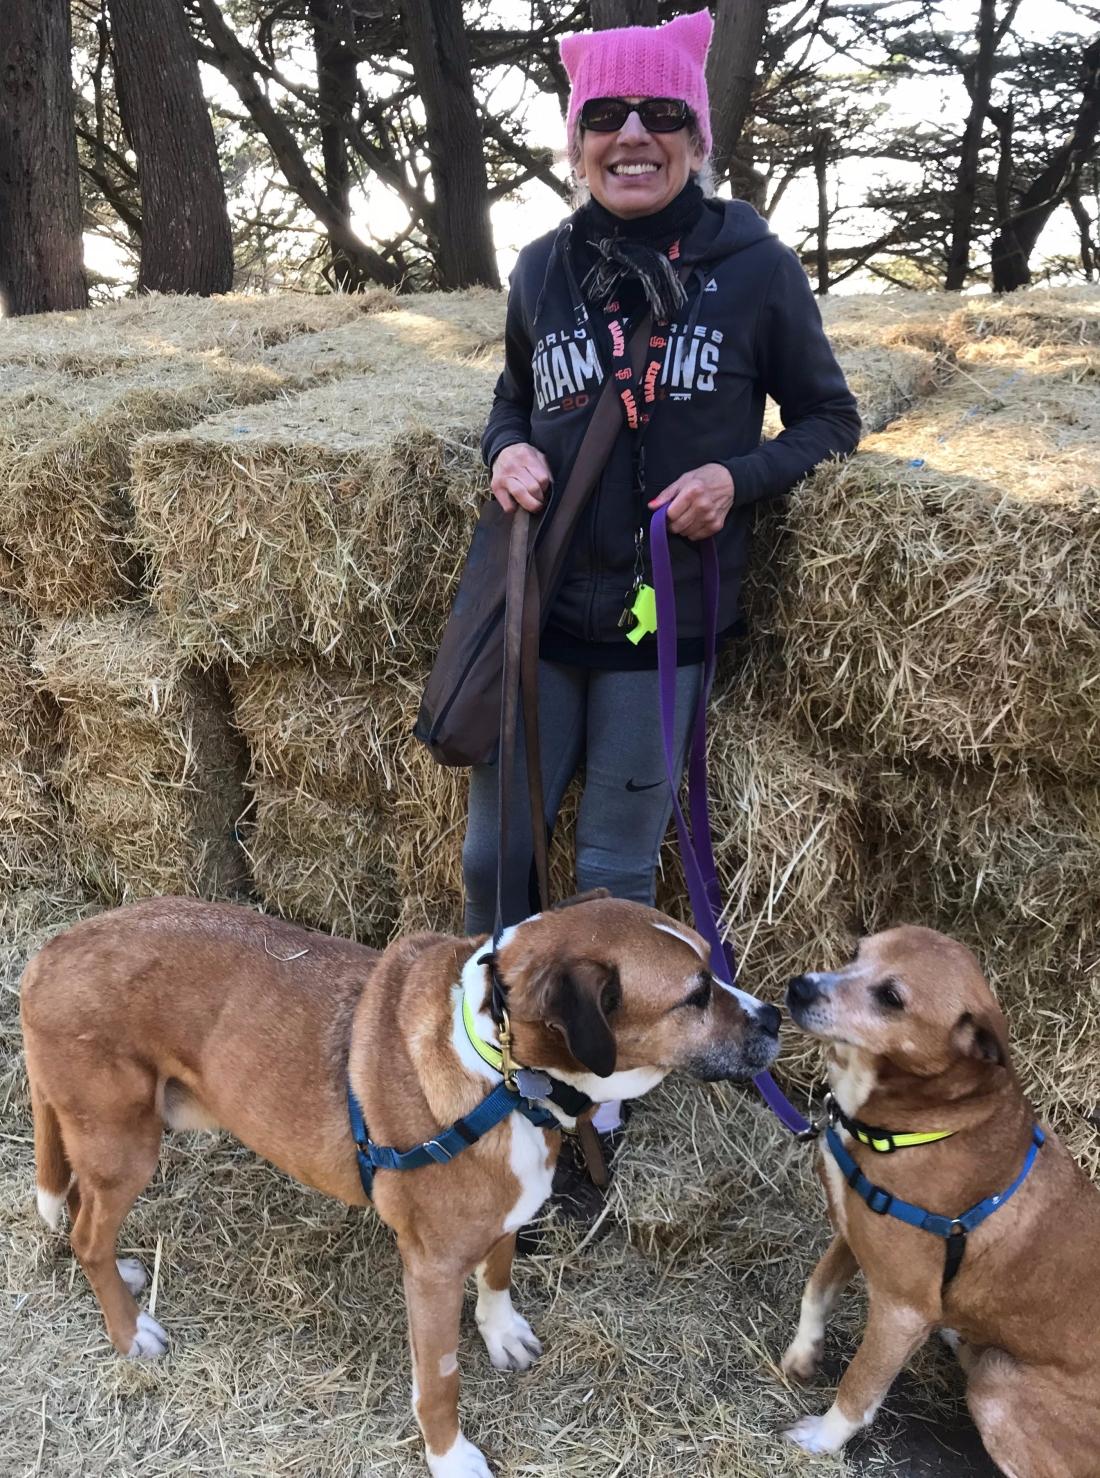 liz-and-dogs-ii-4.11.2019.jpg